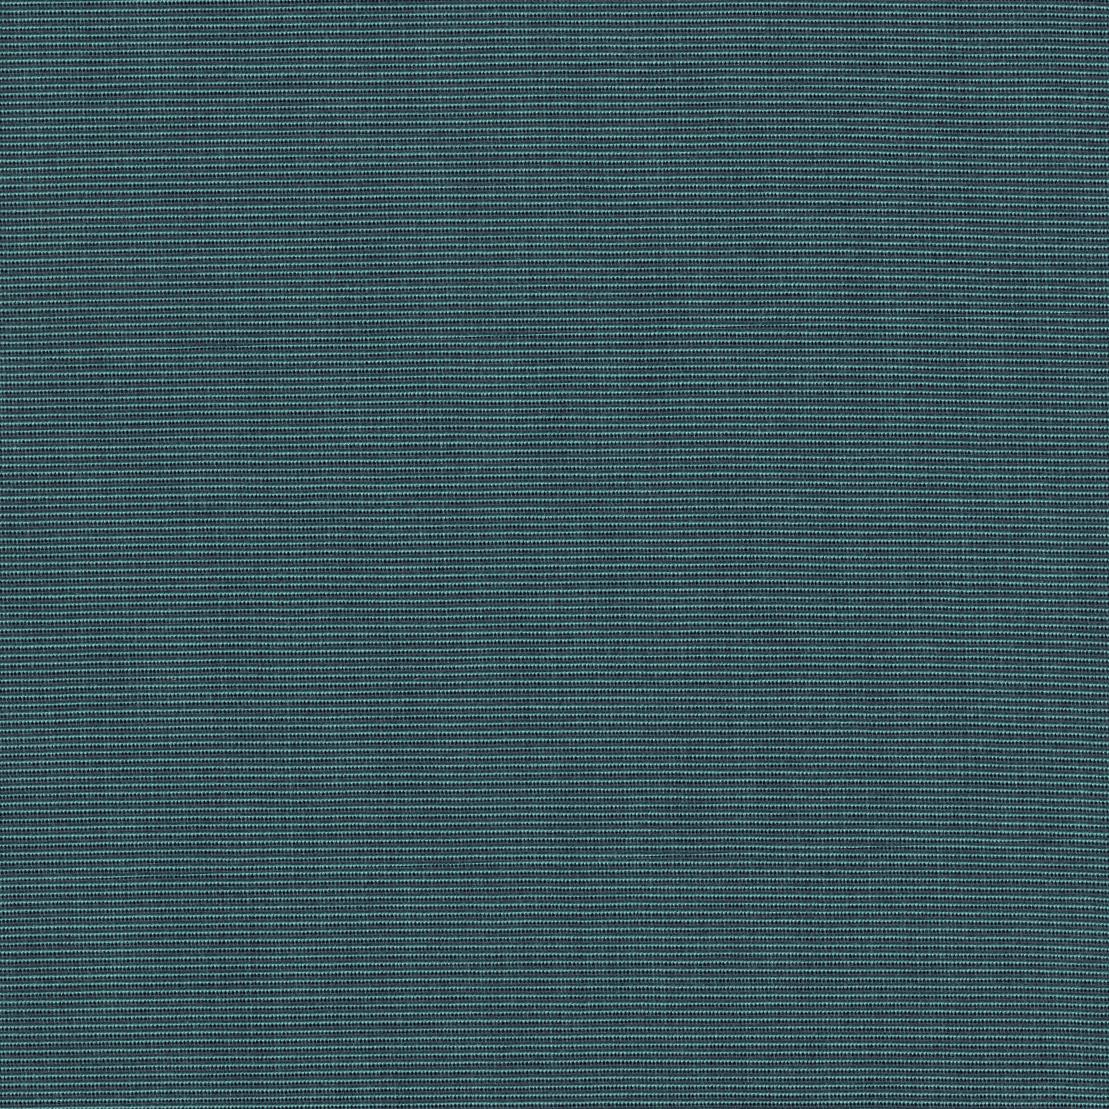 60″ Sunbrella Marine Acrylic Teal Tweed : Manart-Hirsch